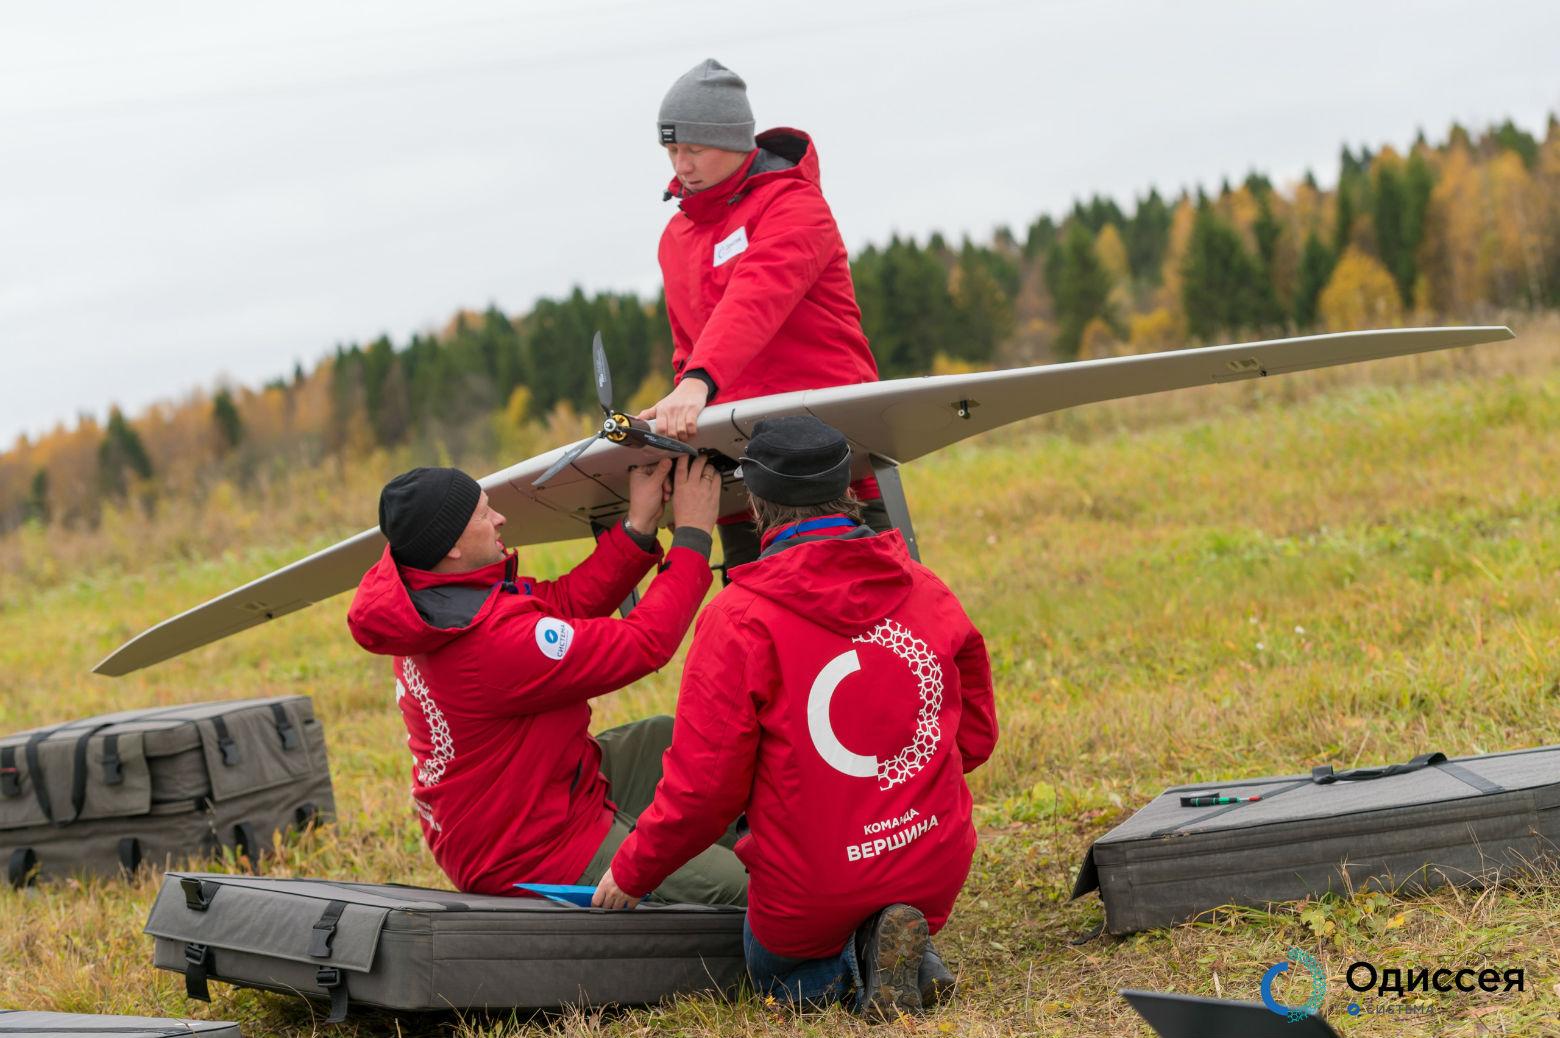 Обыскать 314 км² за 10 часов — финальное сражение инженеров-поисковиков против леса - 12